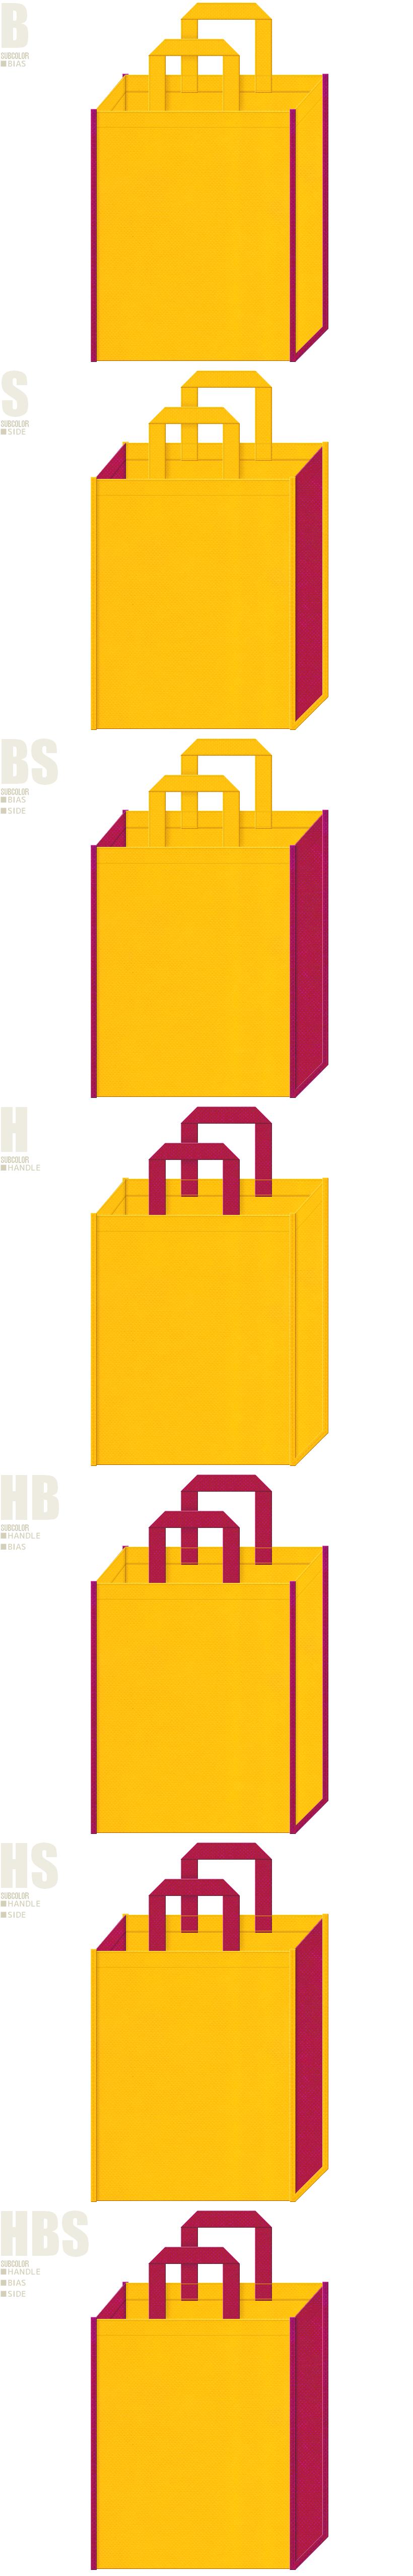 観光・南国リゾート・トロピカル・おもちゃ・テーマパークにお奨めの不織布バッグデザイン:黄色と濃いピンク色の不織布バッグ配色7パターン。